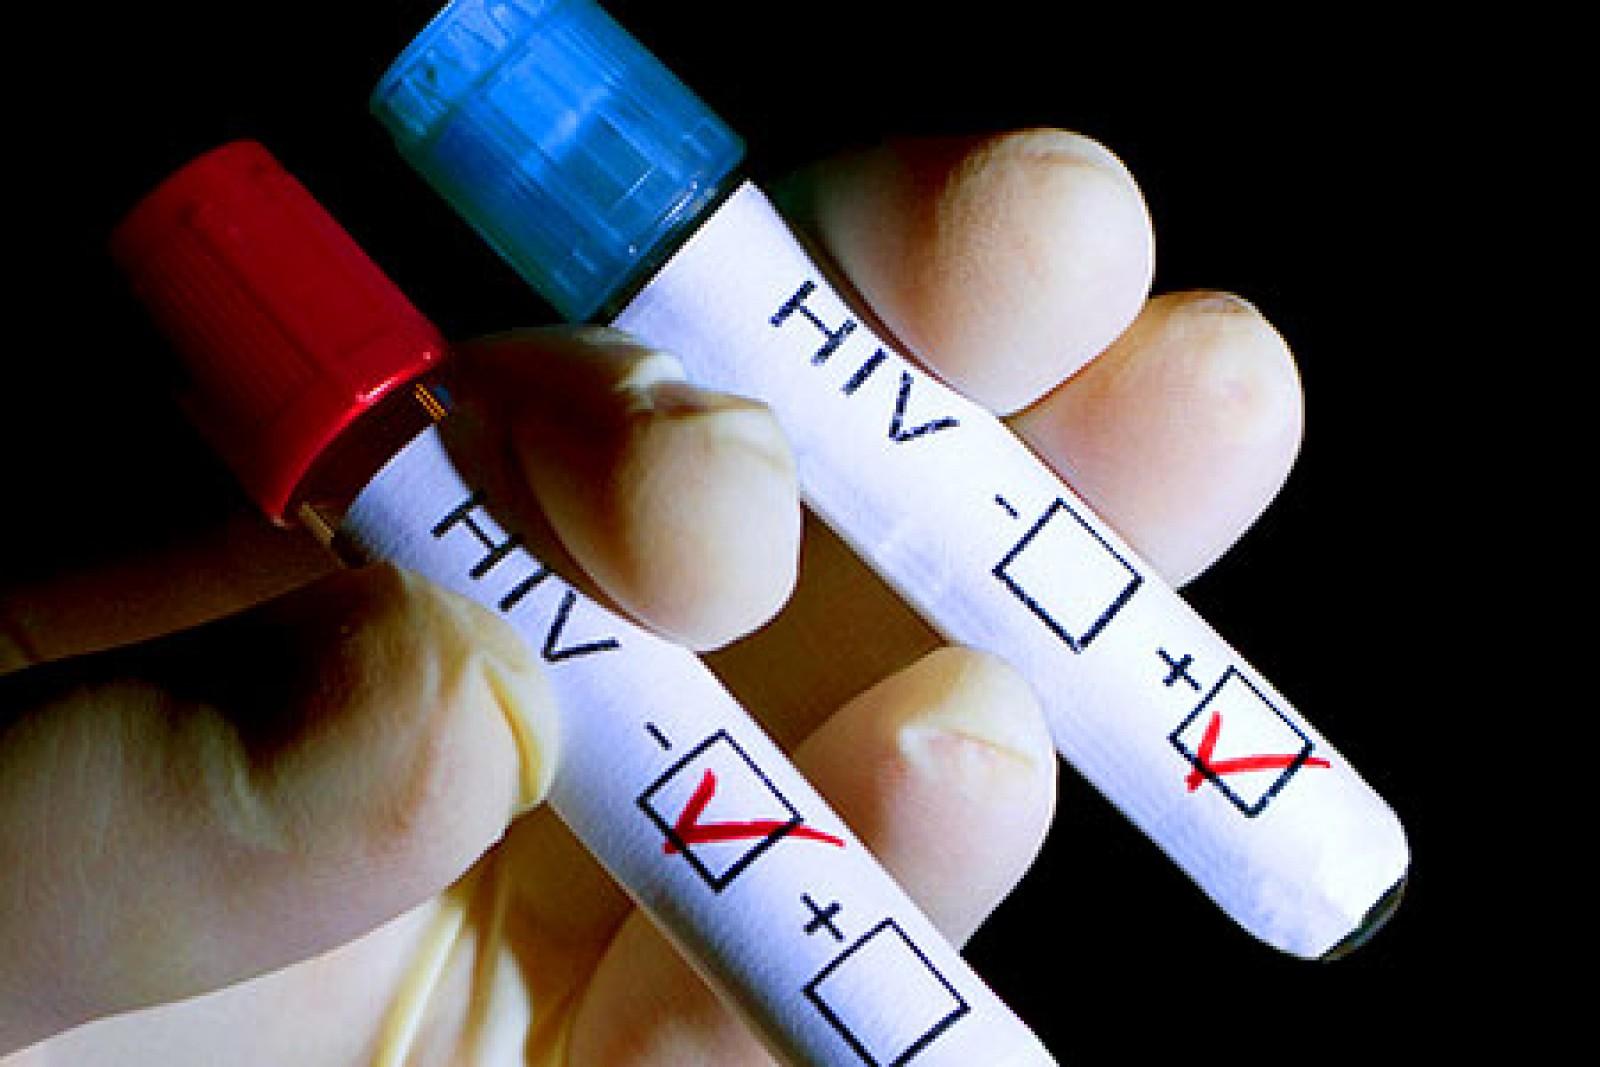 Moldova a primit un grant în valoare de 15,8 milioane de euro, destinați pentru combaterea tuberculozei și HIV/SIDA